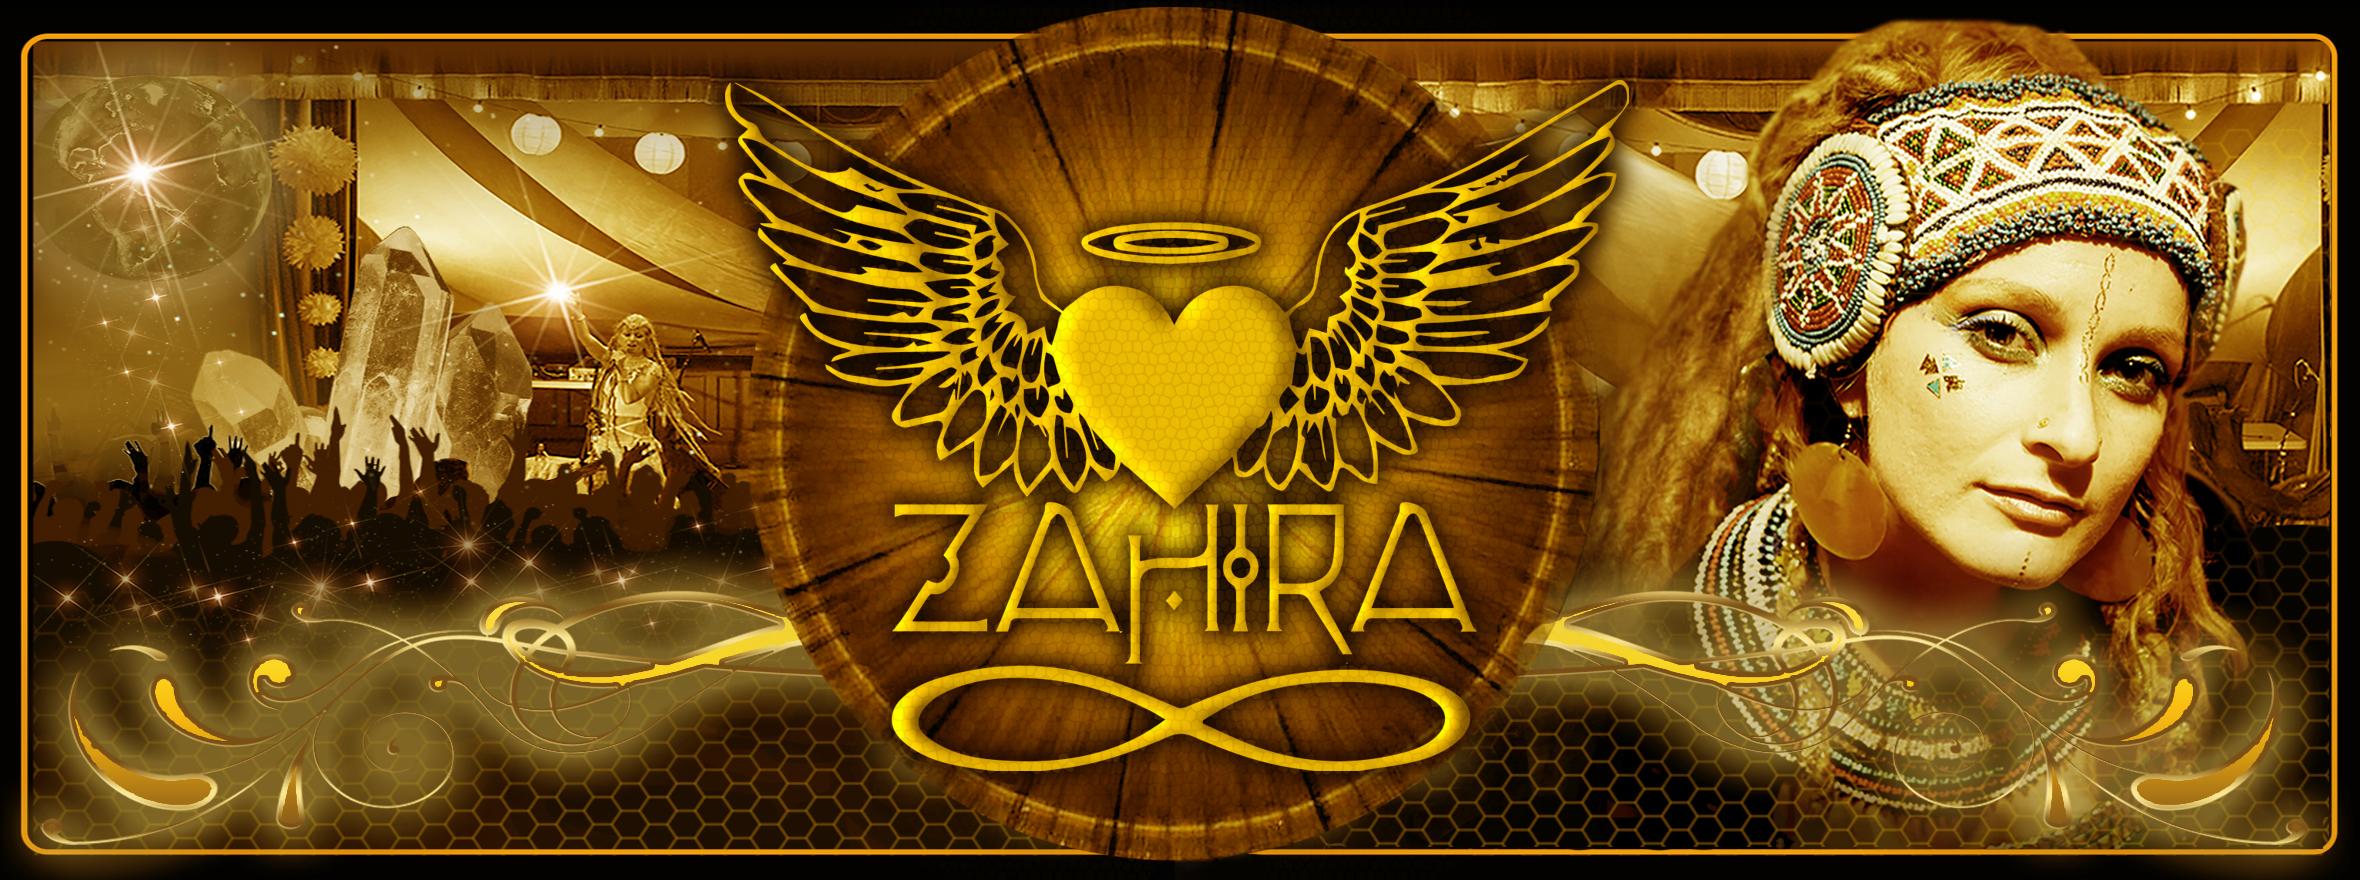 Zahirabannerlogo